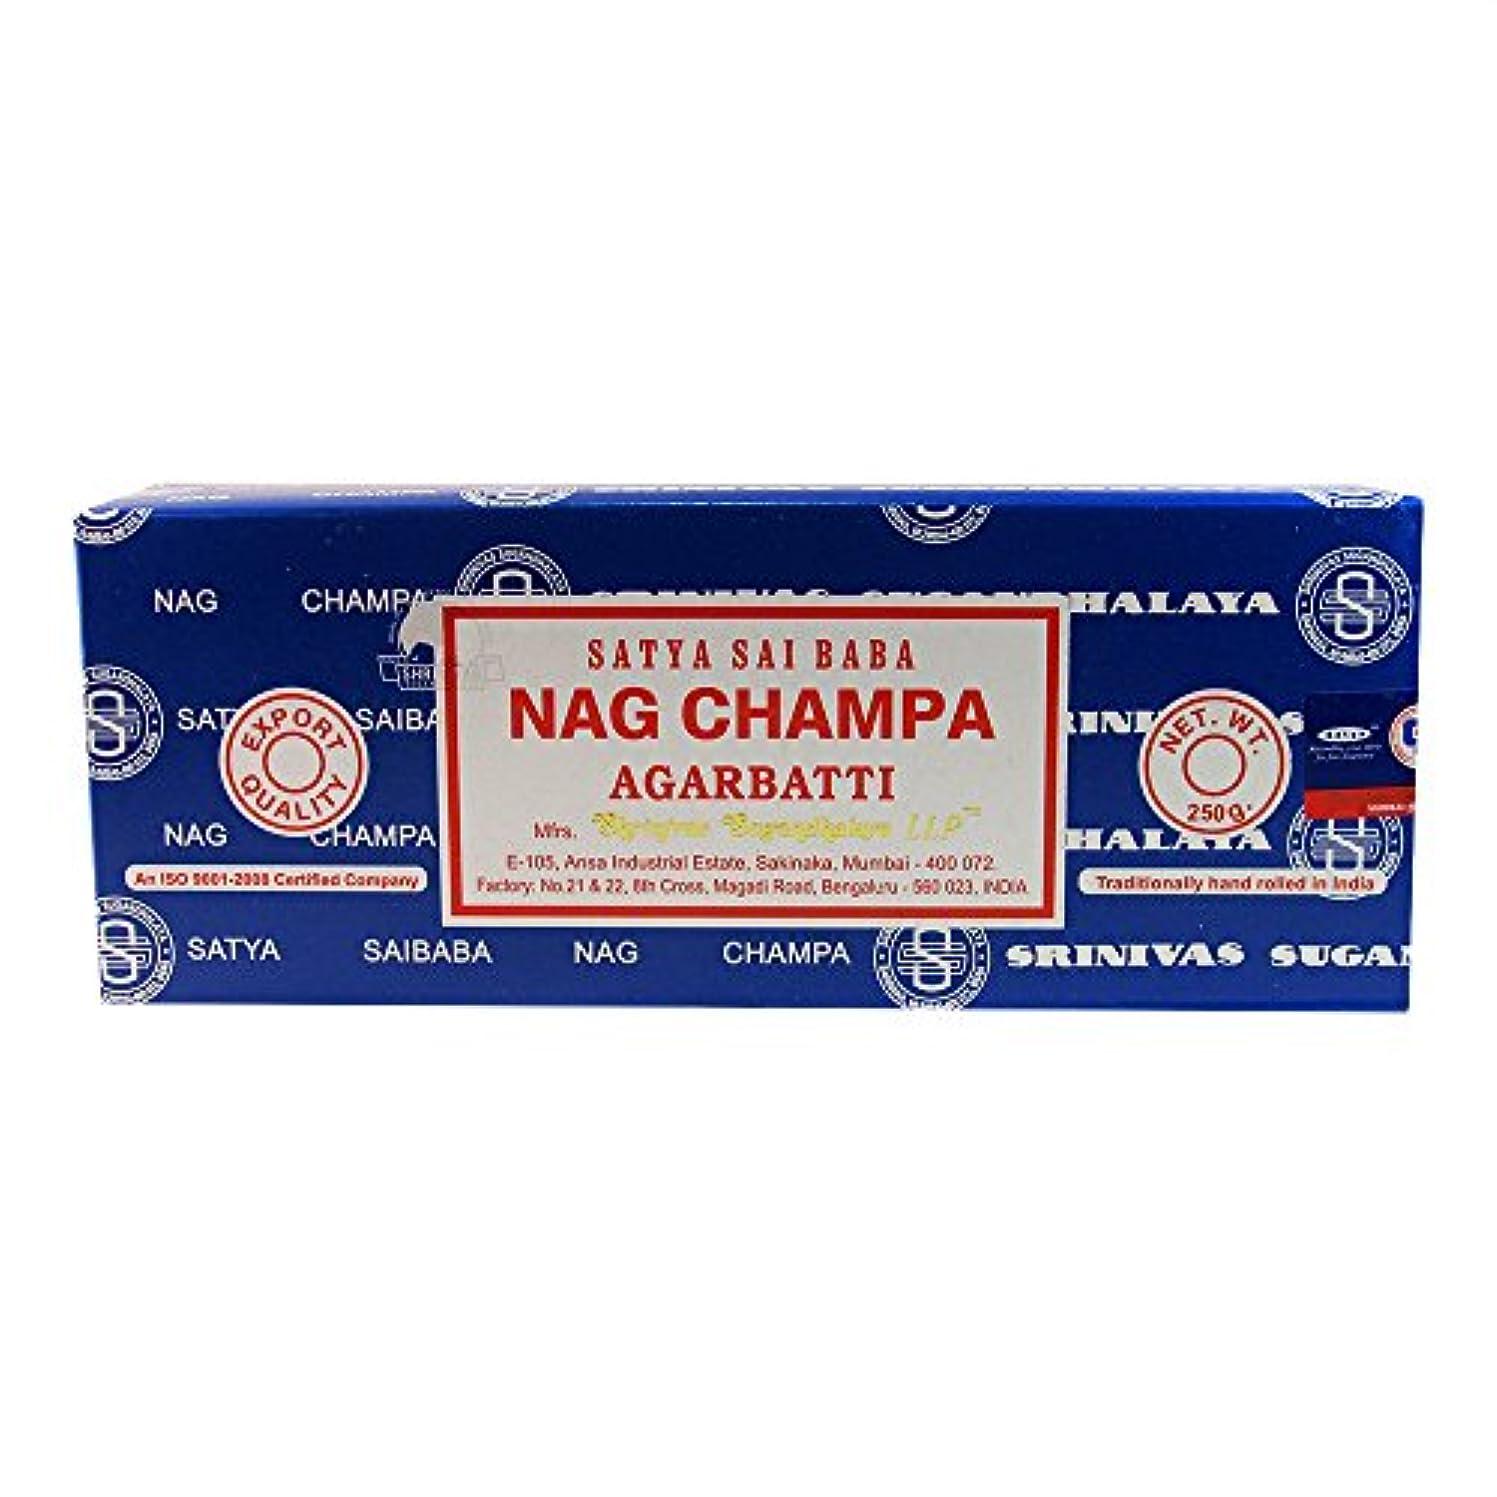 血まみれ反逆コマンド海外直送品Nag Champa Incense, 250 GRAMS by Sai Baba